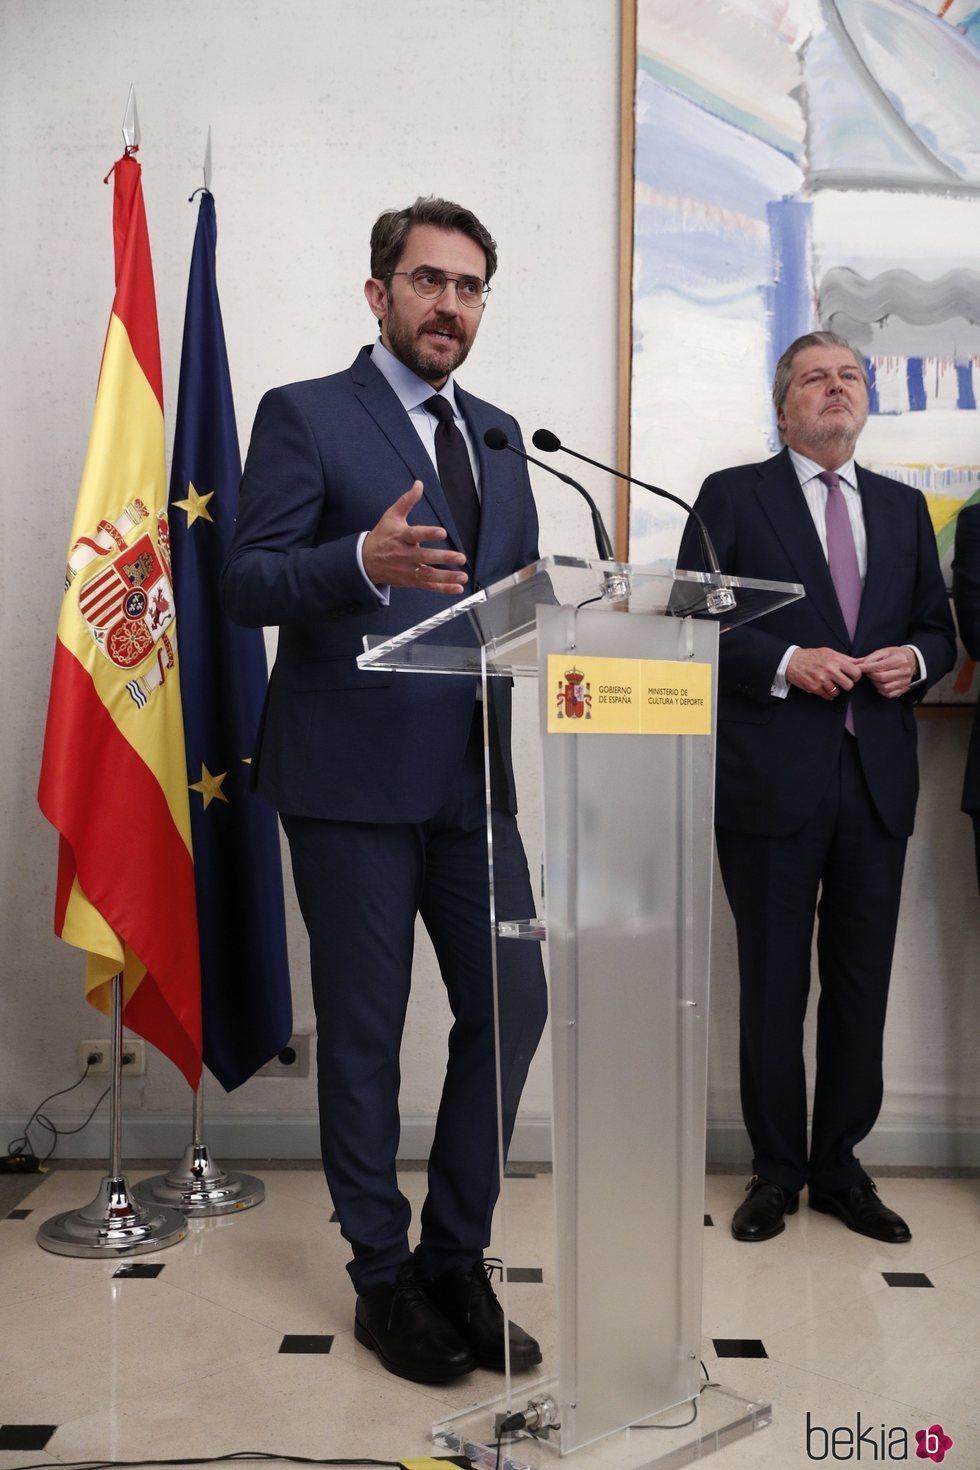 Màxim Huerta dando su primer discurso como Ministro de Cultura y Deportes